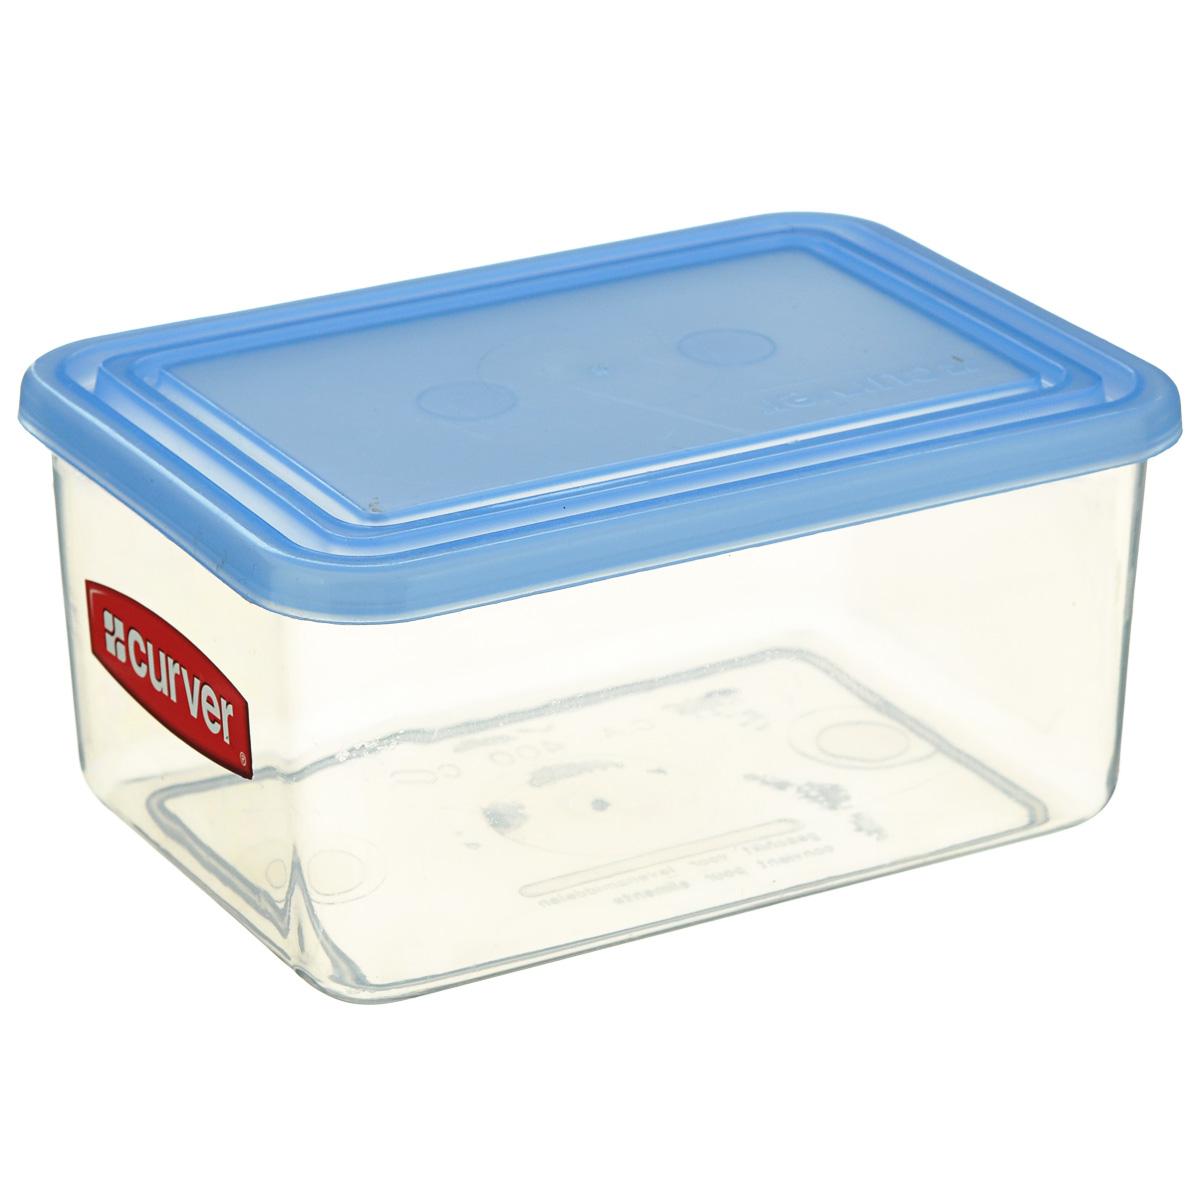 Емкость для заморозки и СВЧ Curver, цвет: голубой, 3 л03874-084-66Емкость для заморозки и СВЧ Curver изготовлена из высококачественного пищевого пластика. Стенки емкости прозрачные, а крышка цветная. Она плотно закрывается, дольше сохраняя продукты свежими. Емкость удобно брать с собой на работу, учебу, пикник и дачу. Можно использовать в микроволновой печи и для заморозки в морозильной камере.